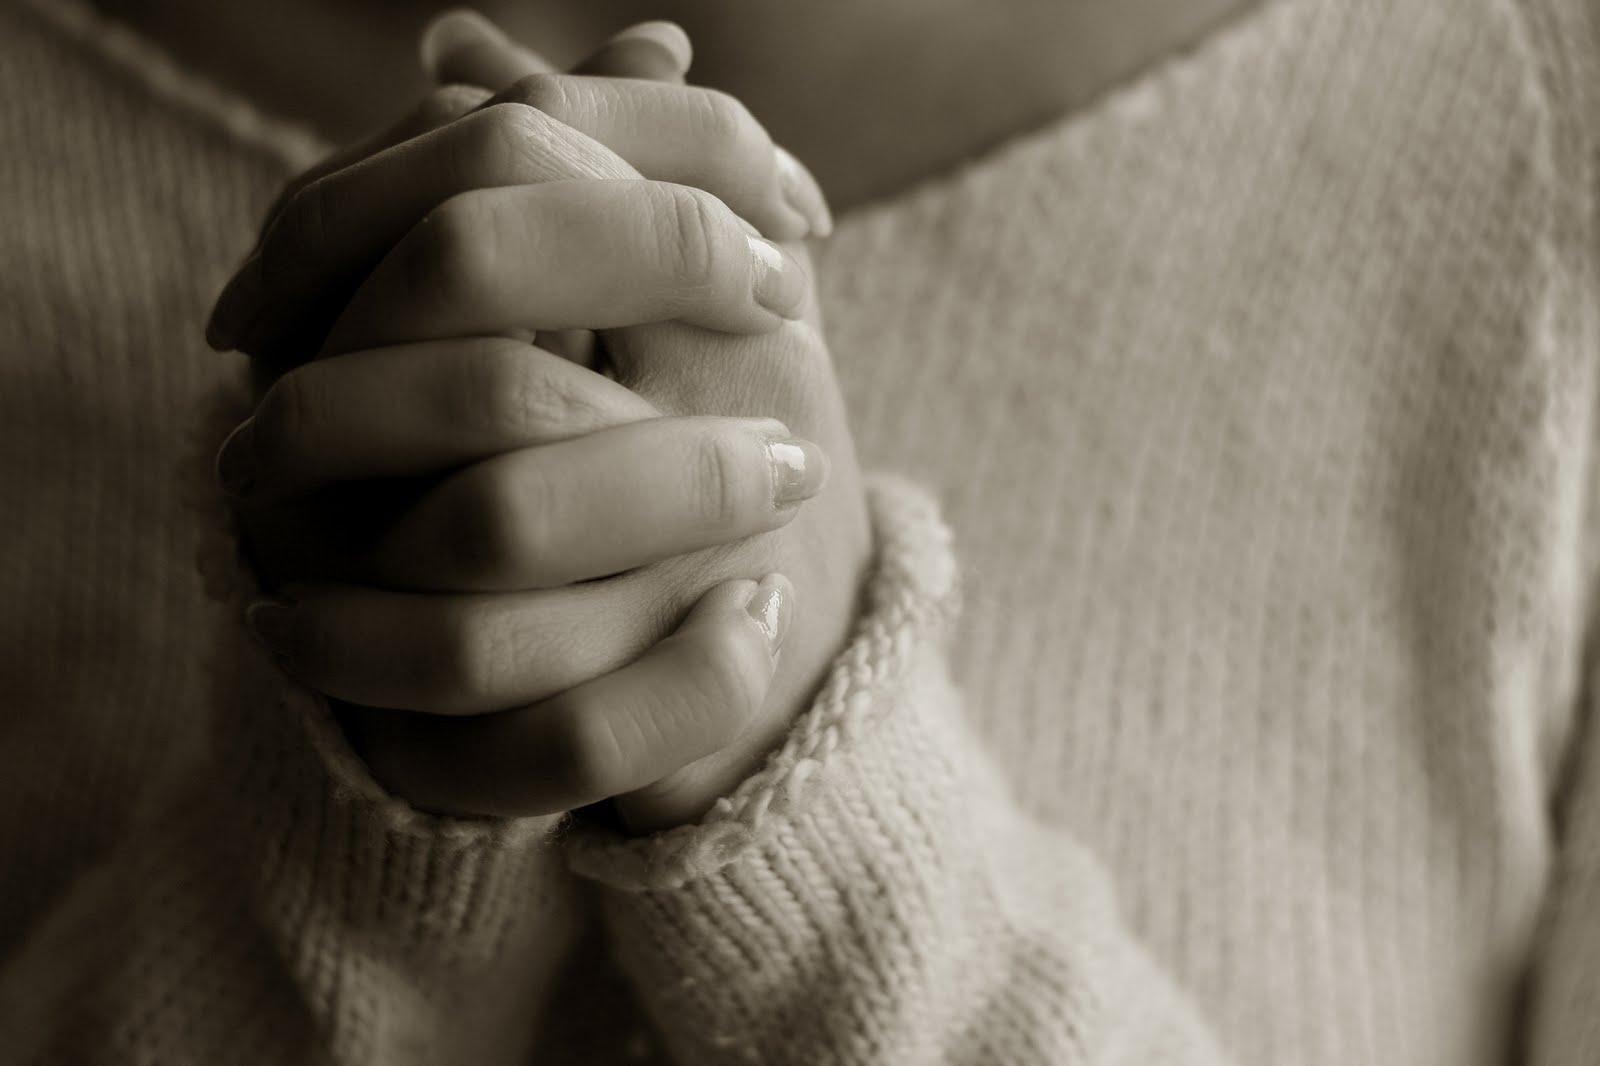 http://1.bp.blogspot.com/-cpl8yImS2wA/UKV5uUvoj3I/AAAAAAAABQA/Bouy9Lj4aNA/s1600/praying+hands.jpg